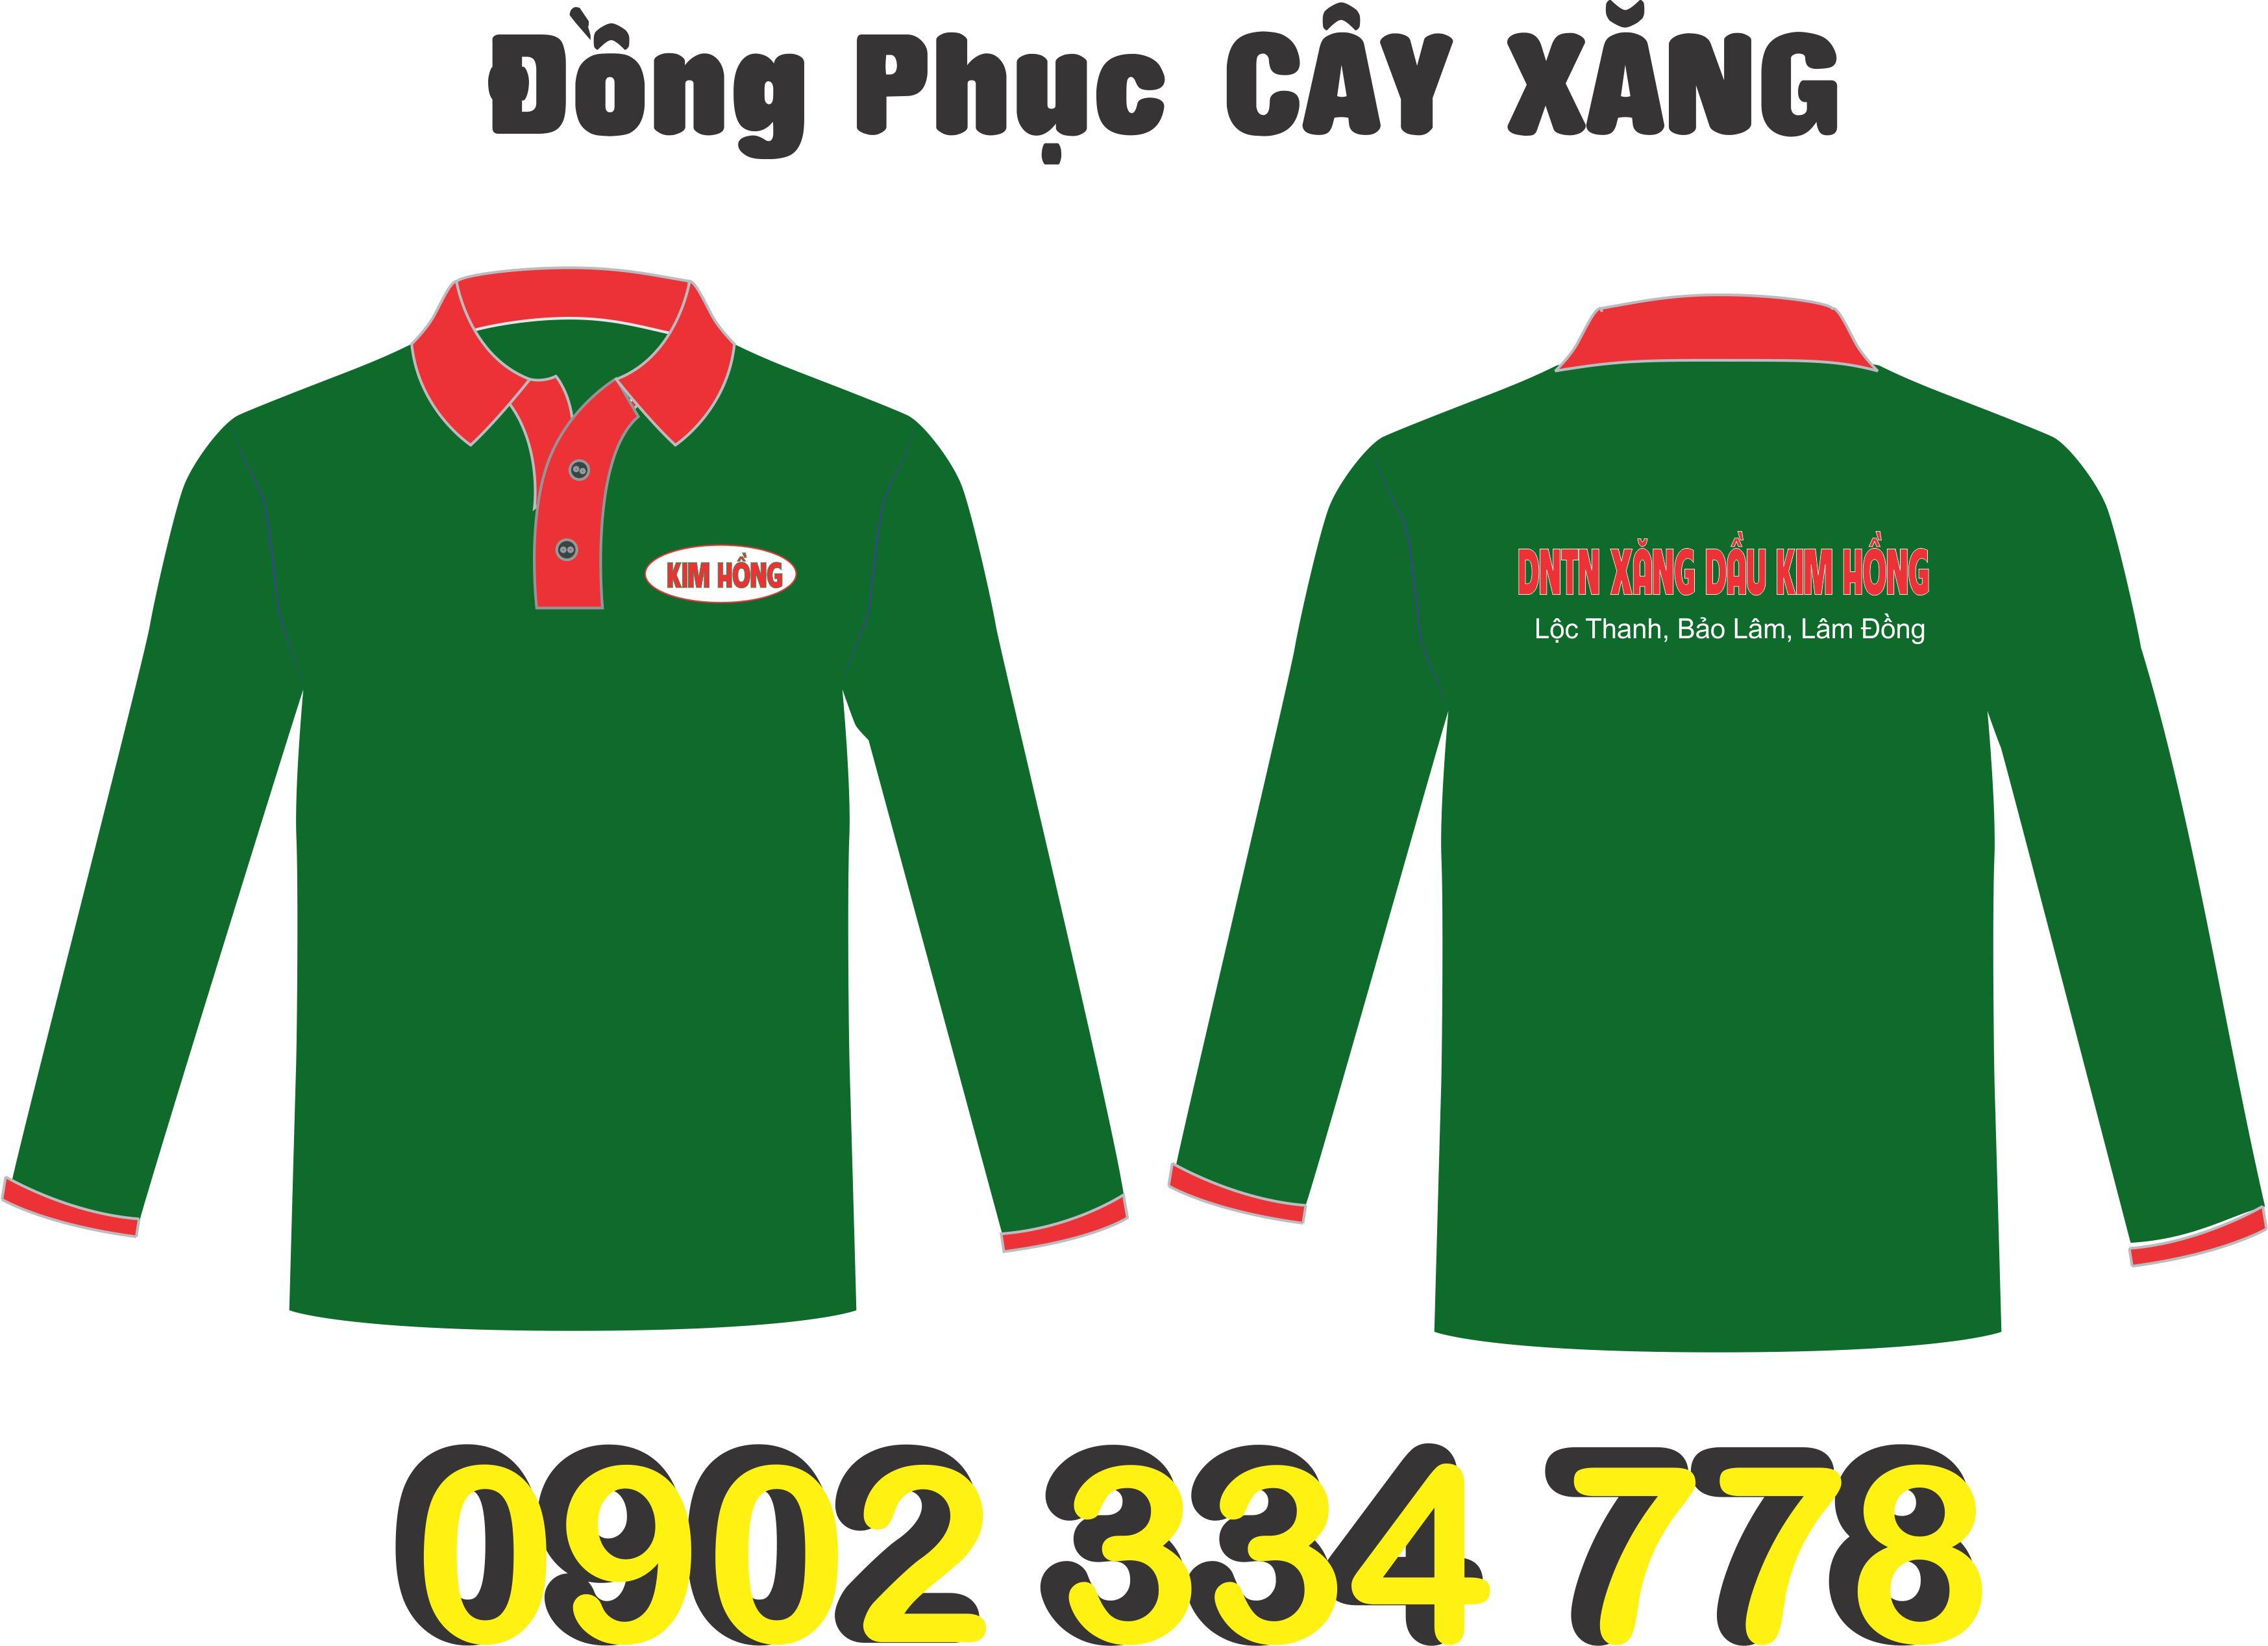 công ty may áo tay dài đồng phục cây xăng